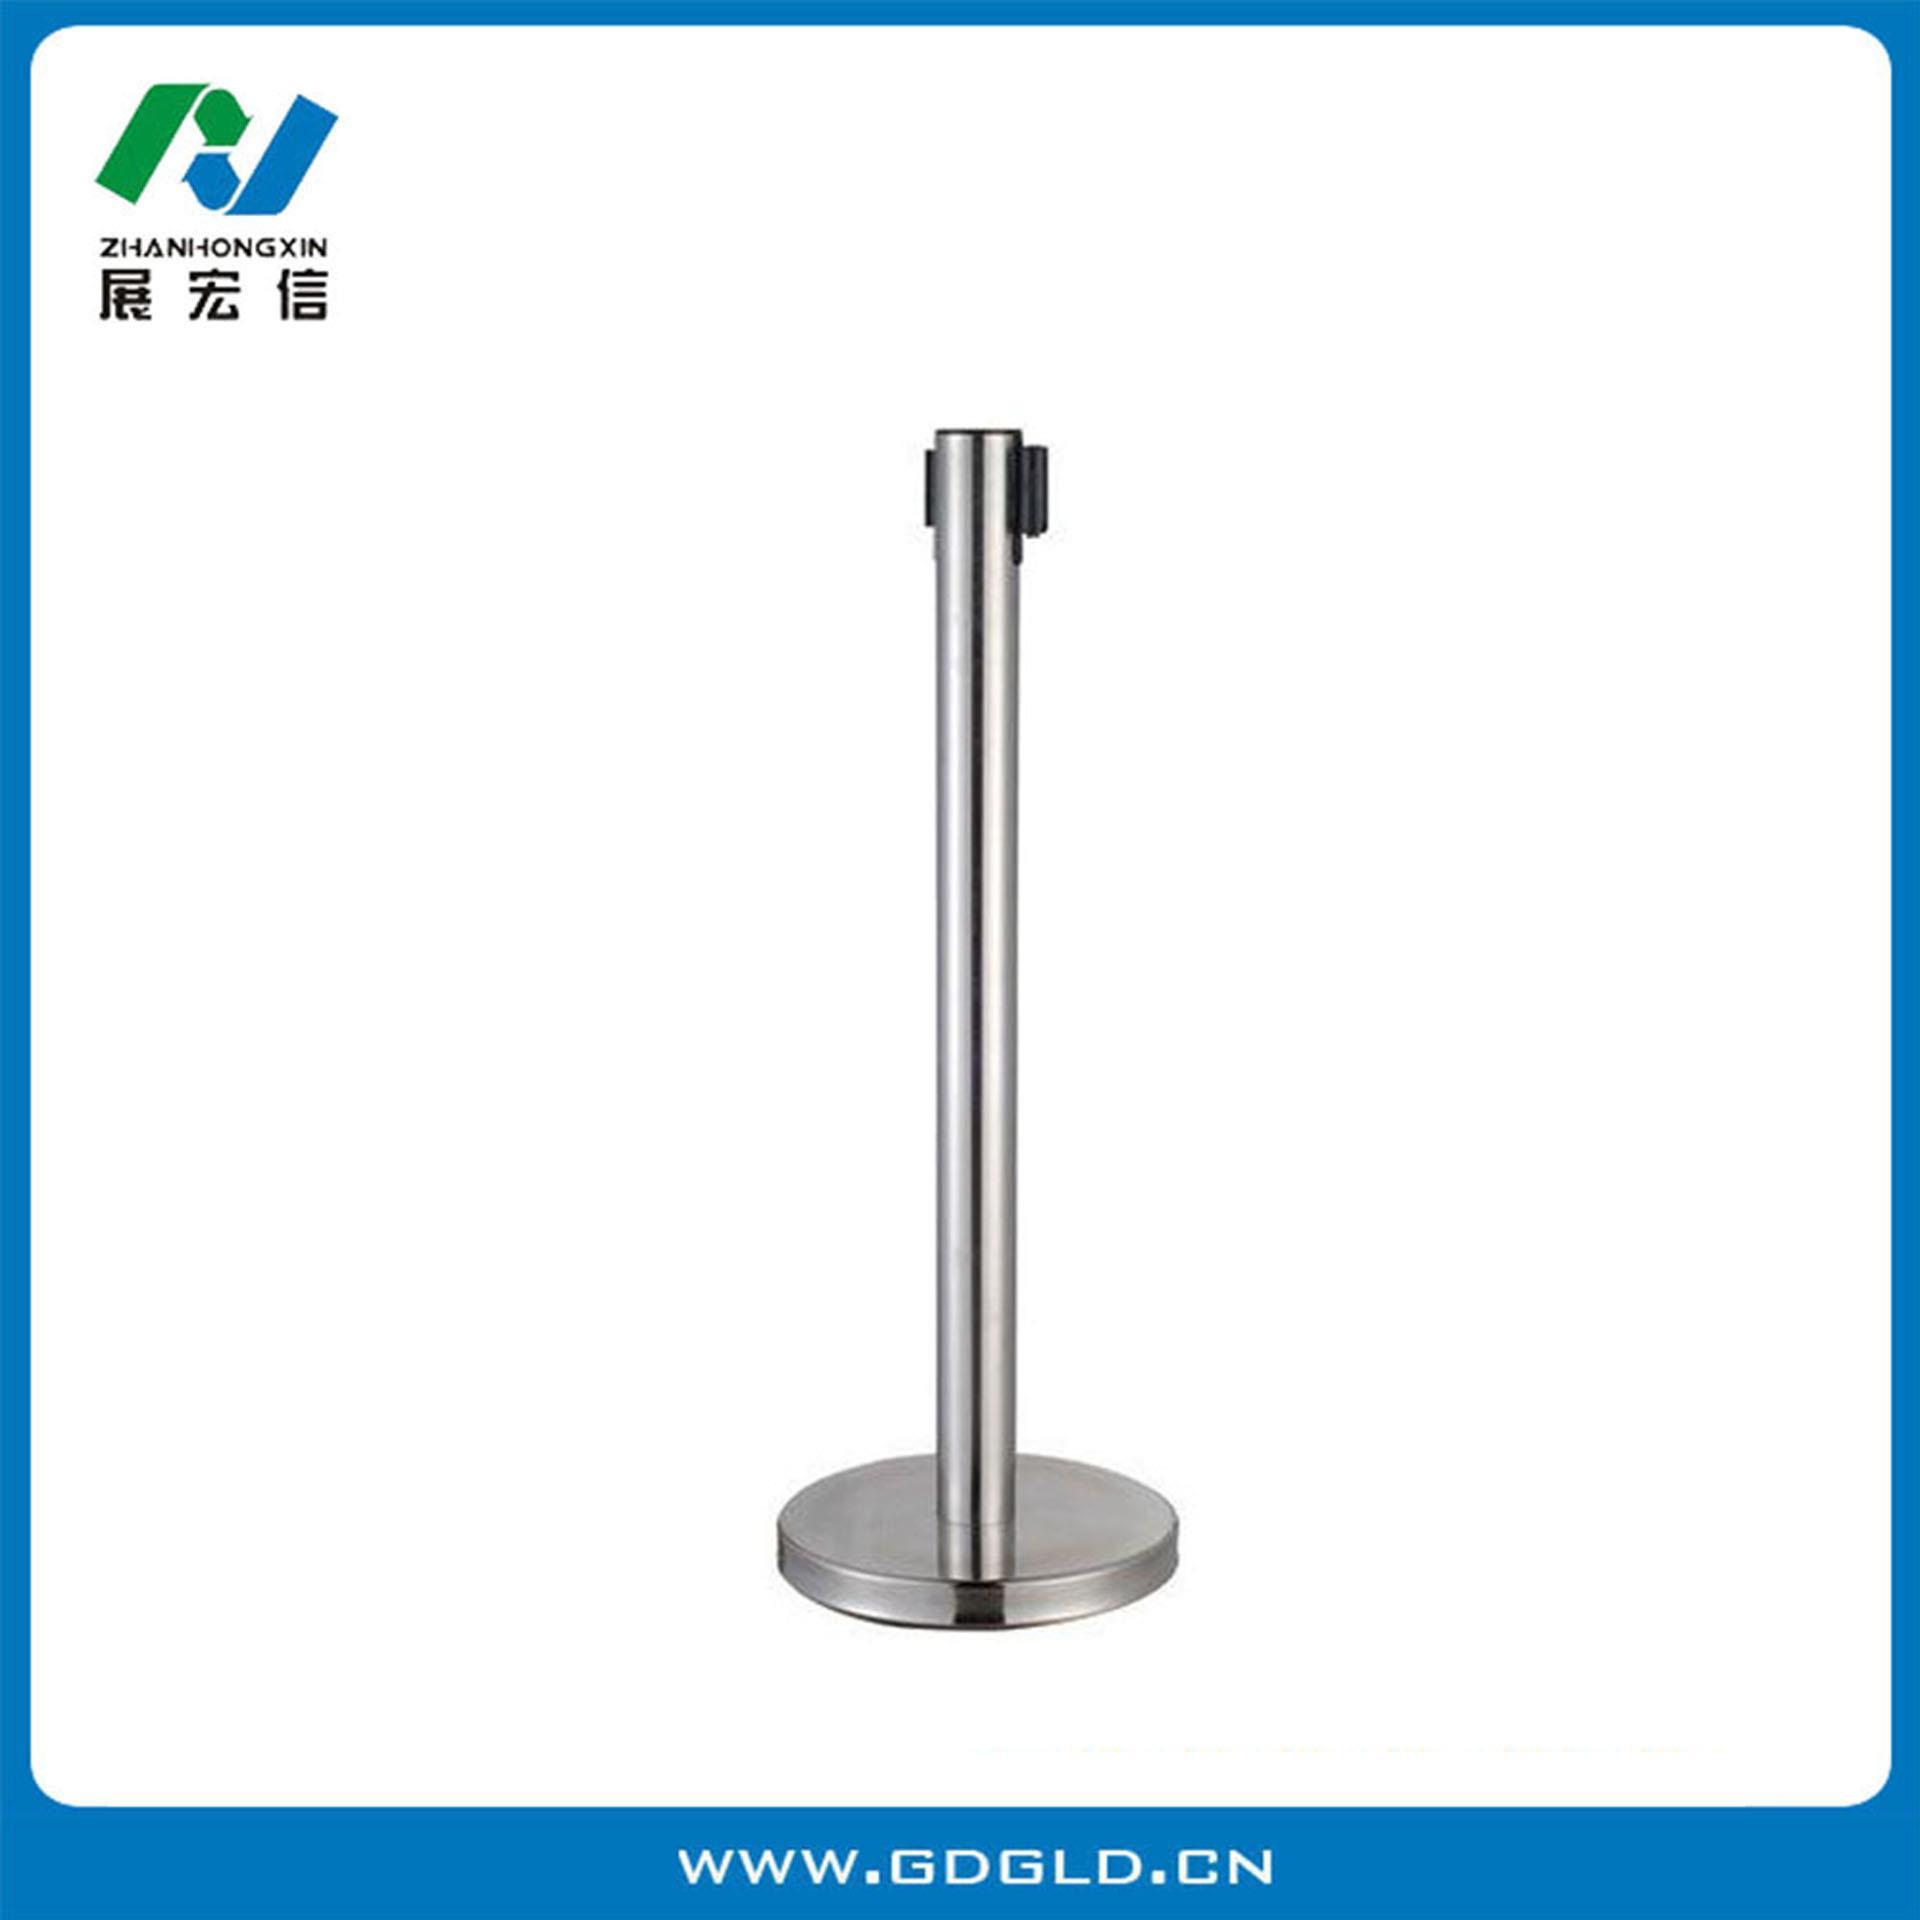 展宏信主要产品:银行一米线 隔离带 伸缩栏杆座 雨伞架